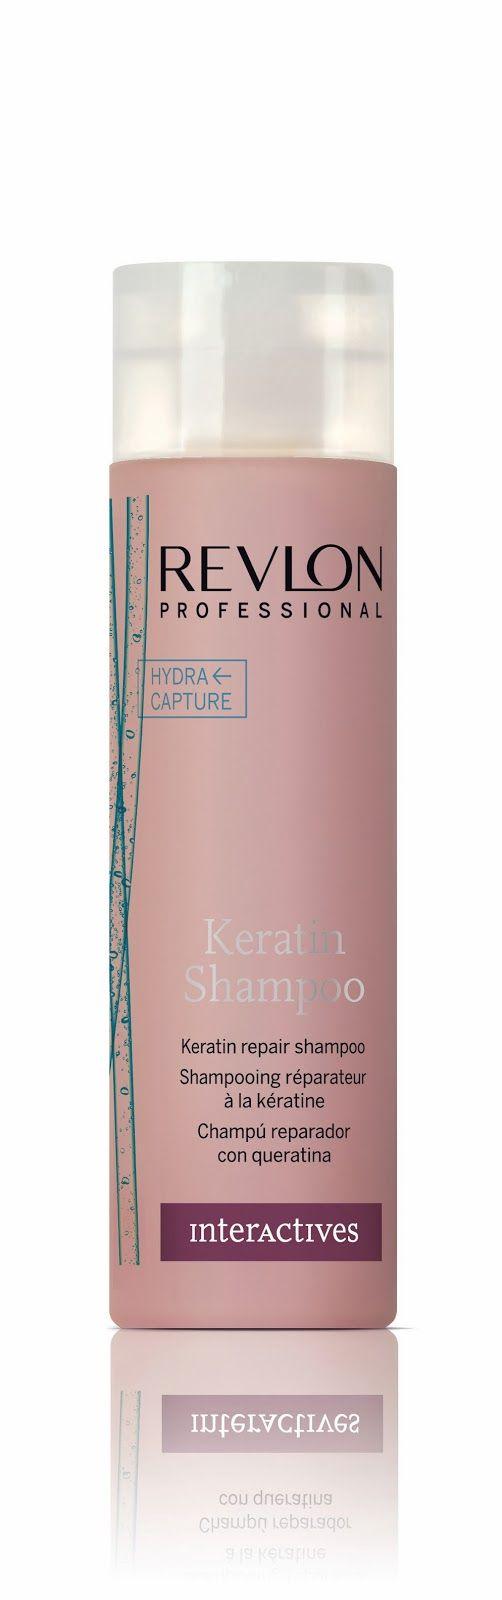 Revlon Interactives, Shampooing à la kératine